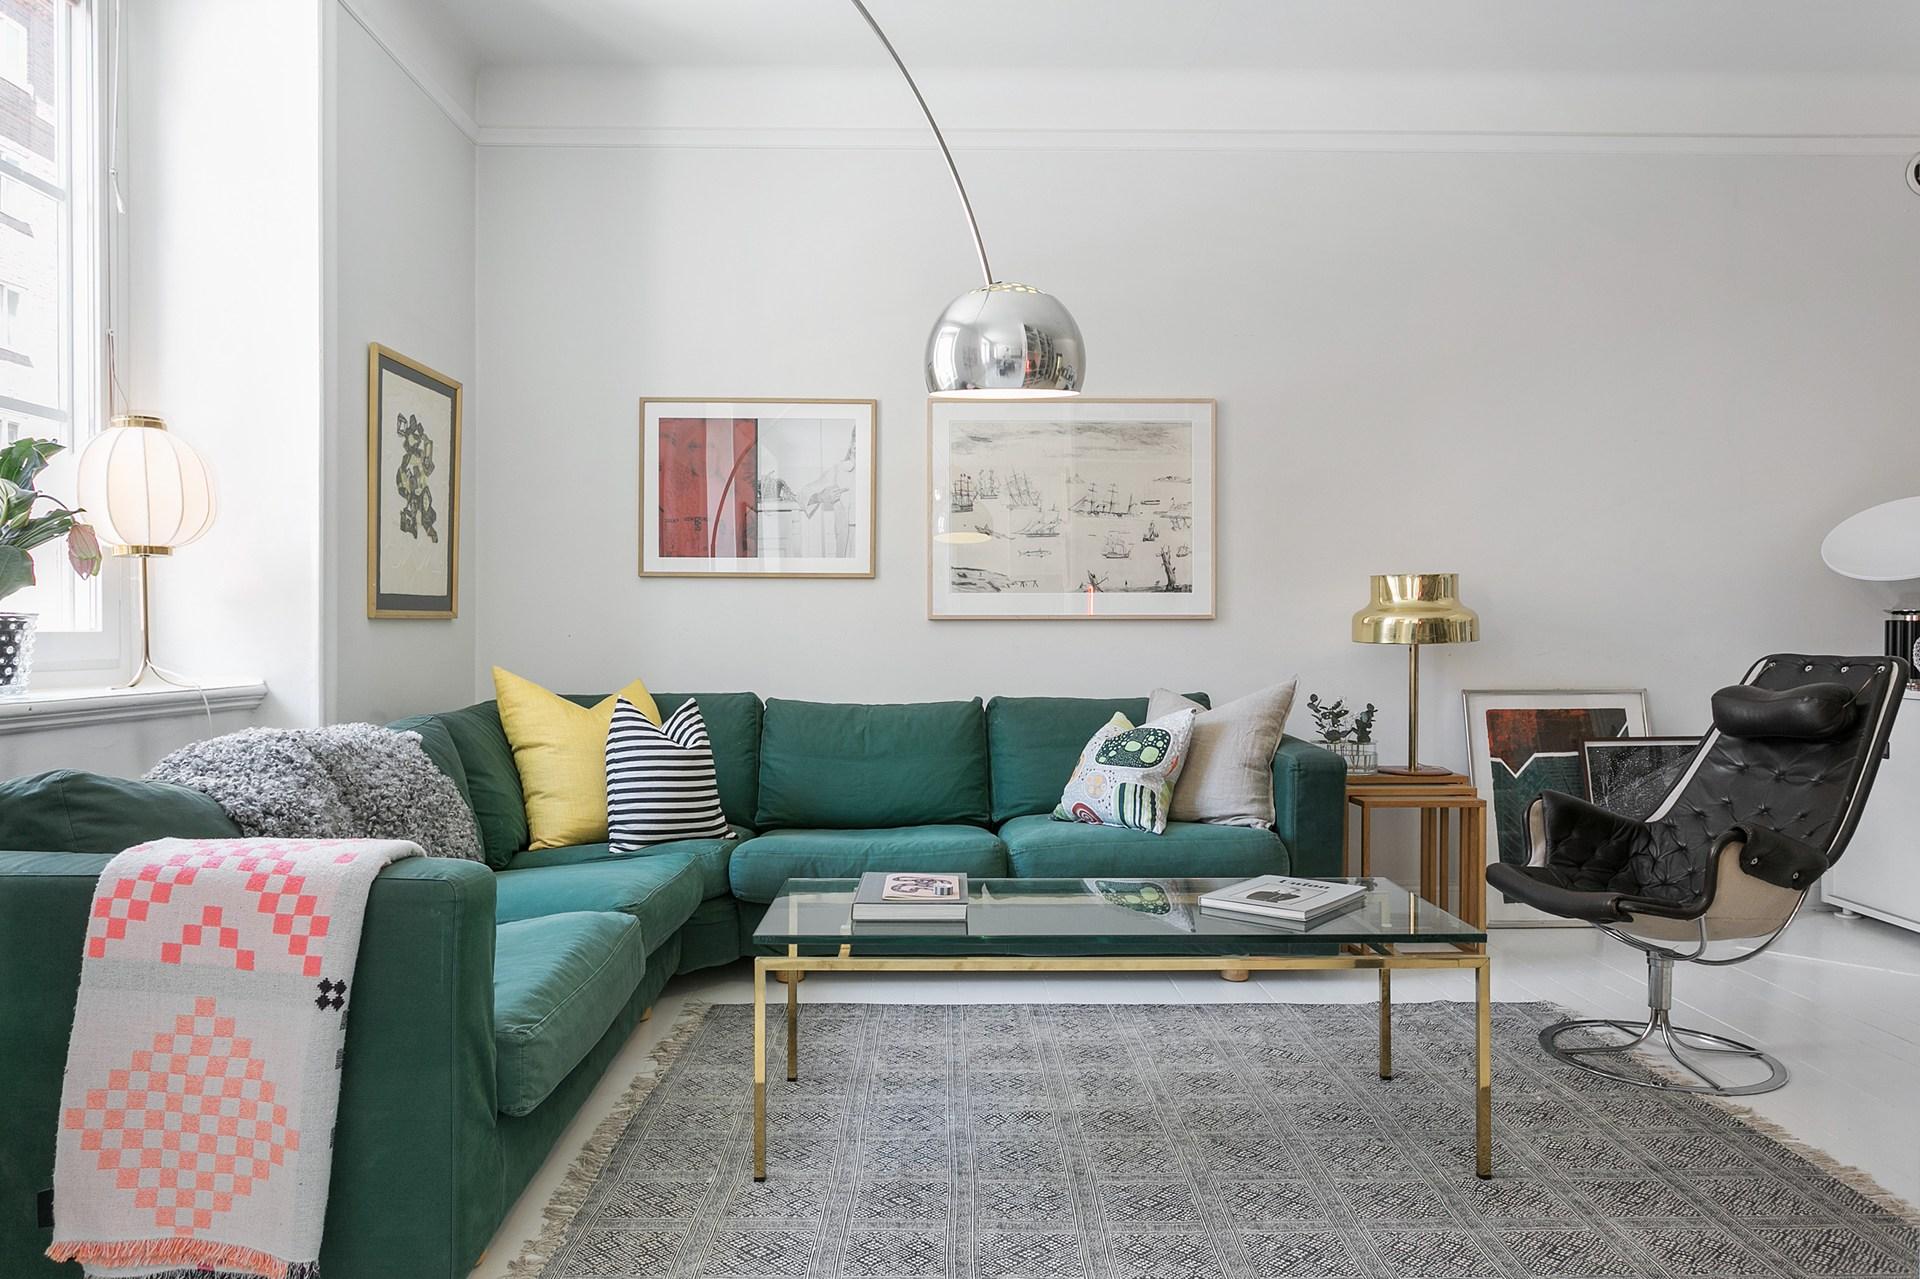 гостиная диван журнальный столик